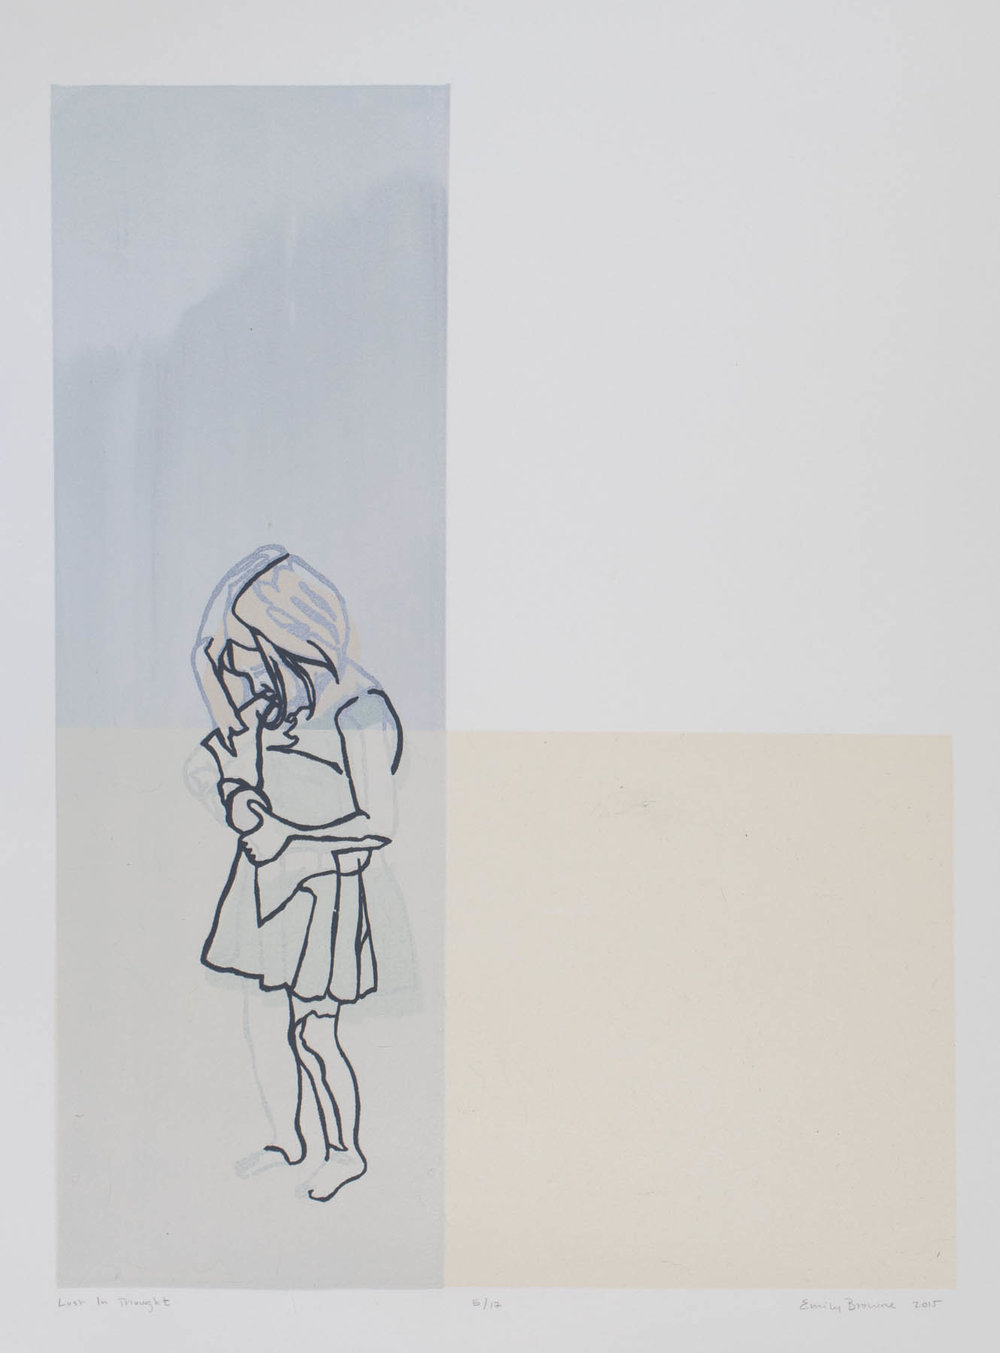 Emily Browne